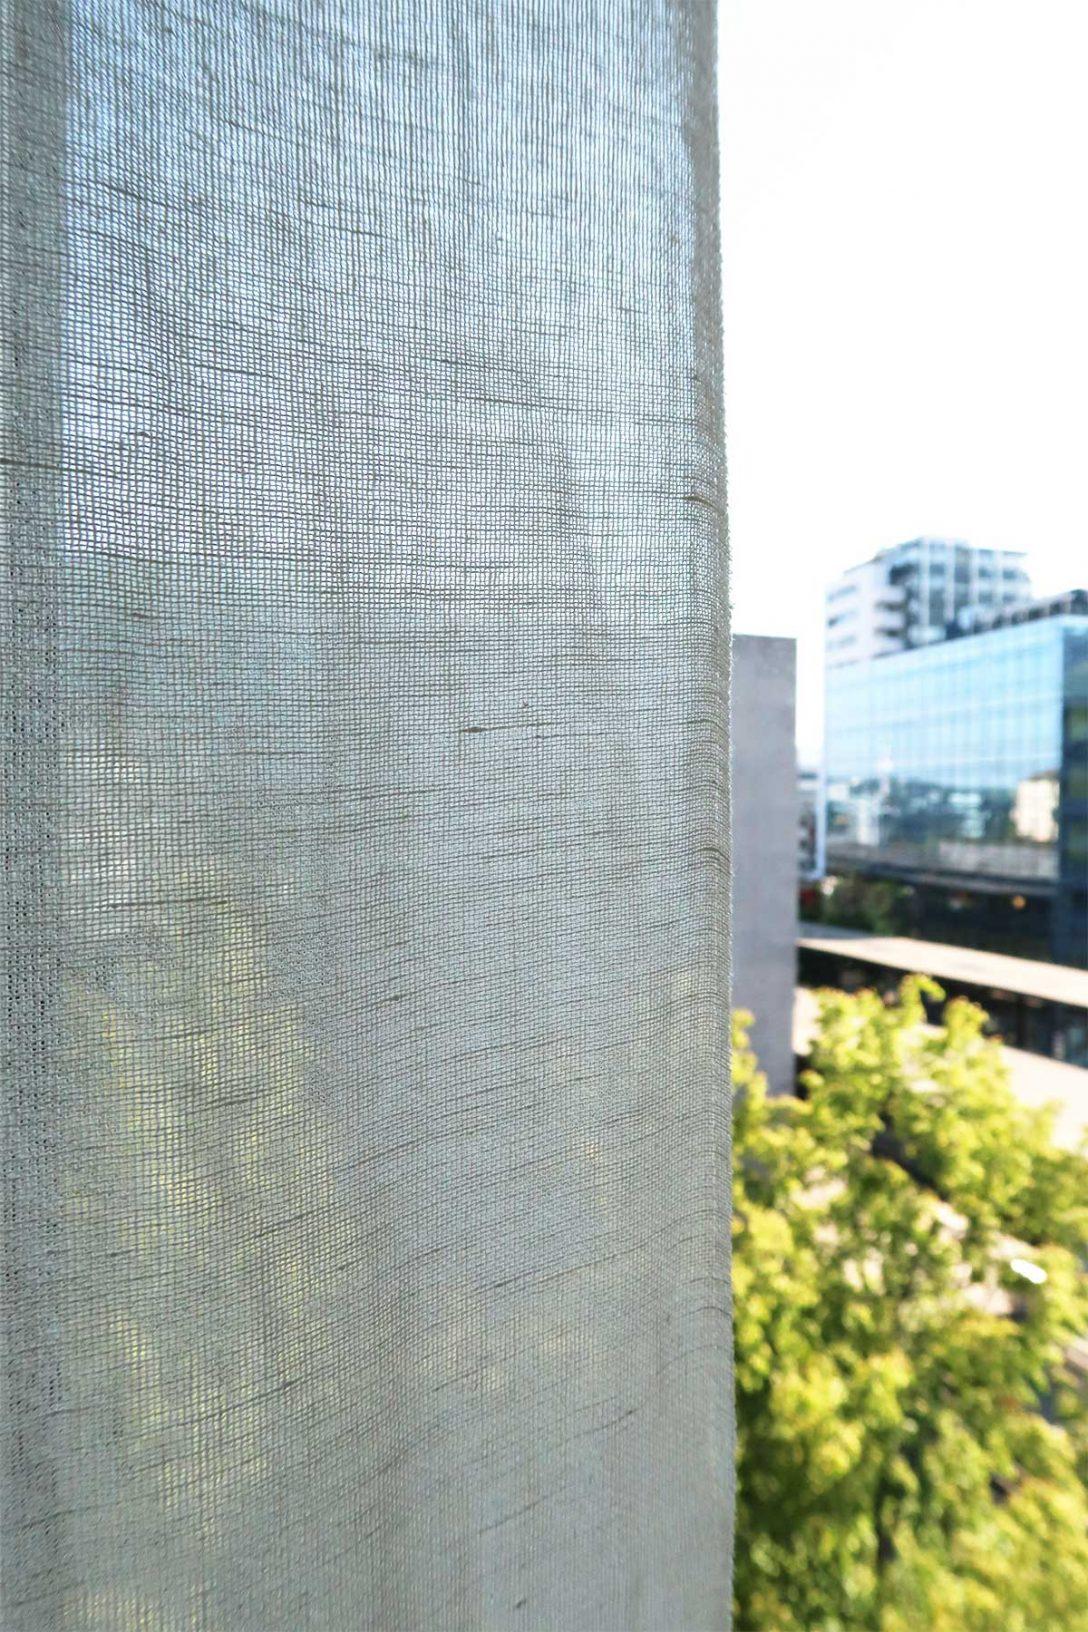 Large Size of Tagvorhang Tramontana Christian Fischbacher Leinen Optik Fenster Einbruchschutz Nachrüsten Insektenschutz Für Einbruchsicherung Einbauen Beleuchtung Fenster Sichtschutz Für Fenster